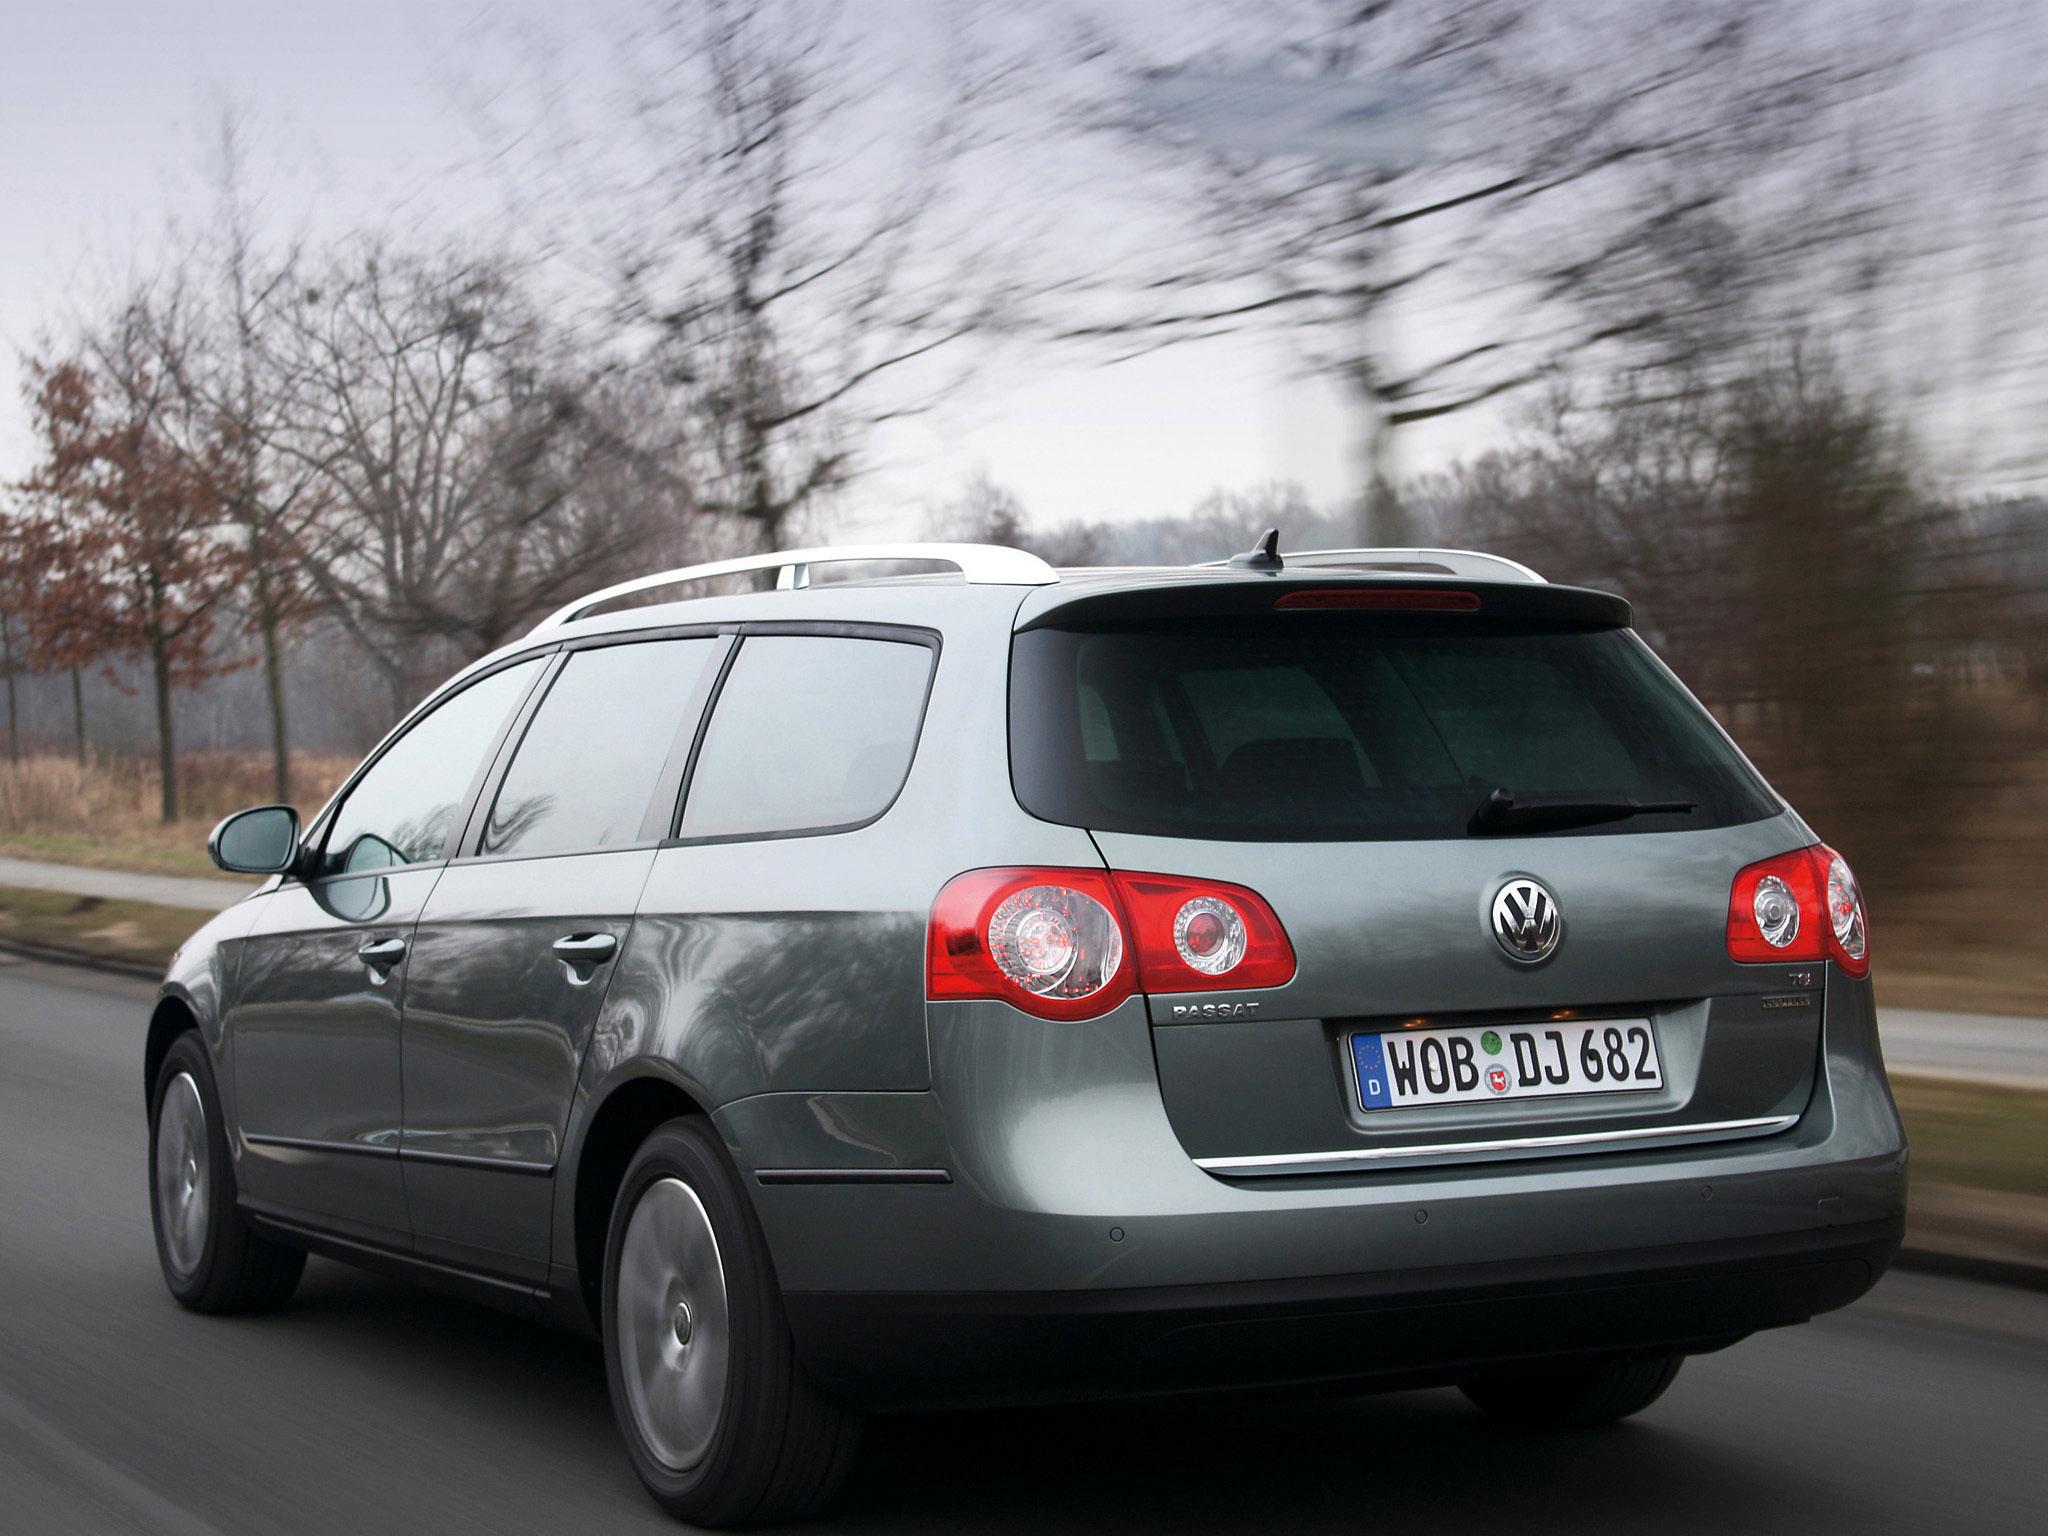 volkswagen passat ecofuel variant b6 2009 volkswagen passat ecofuel variant b6 2009 photo 01. Black Bedroom Furniture Sets. Home Design Ideas